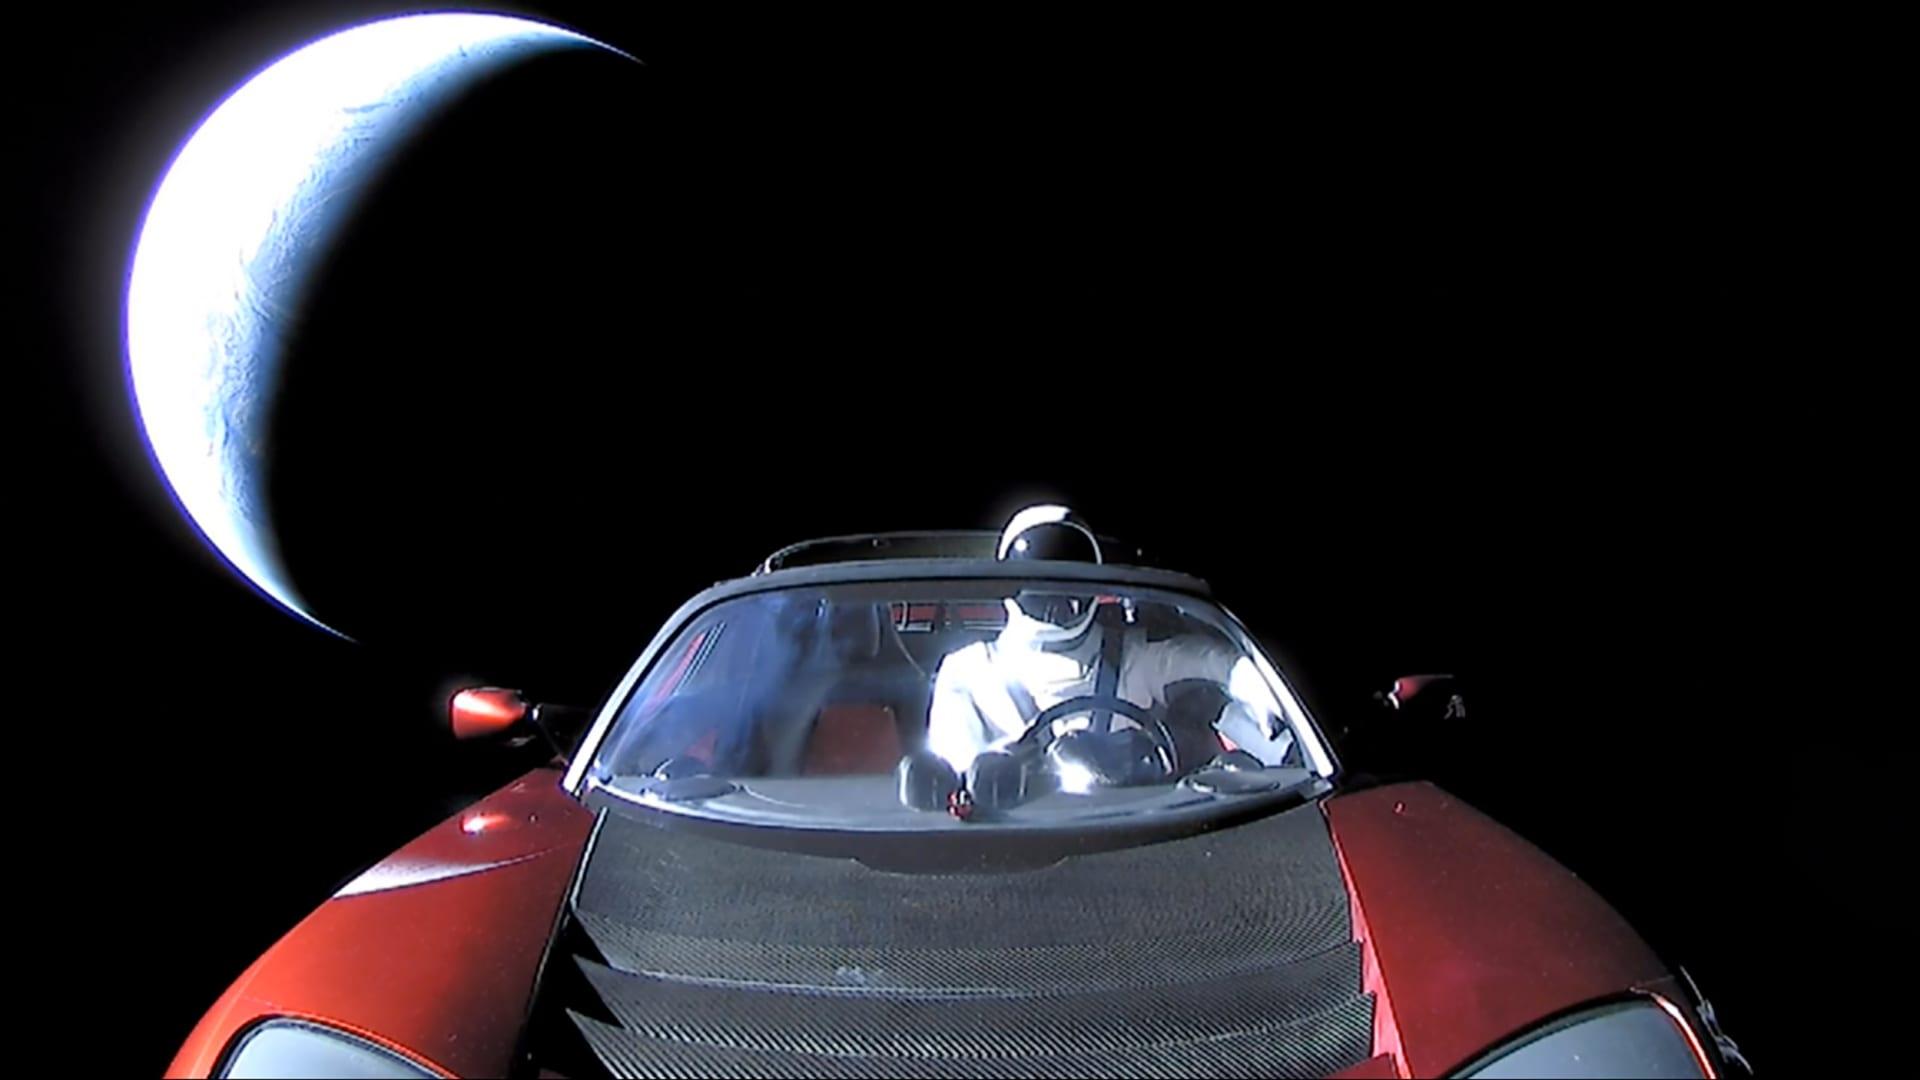 مركبة تسلا رودستير تقترب من المريخ لأول مرة.. إليكم موقعها